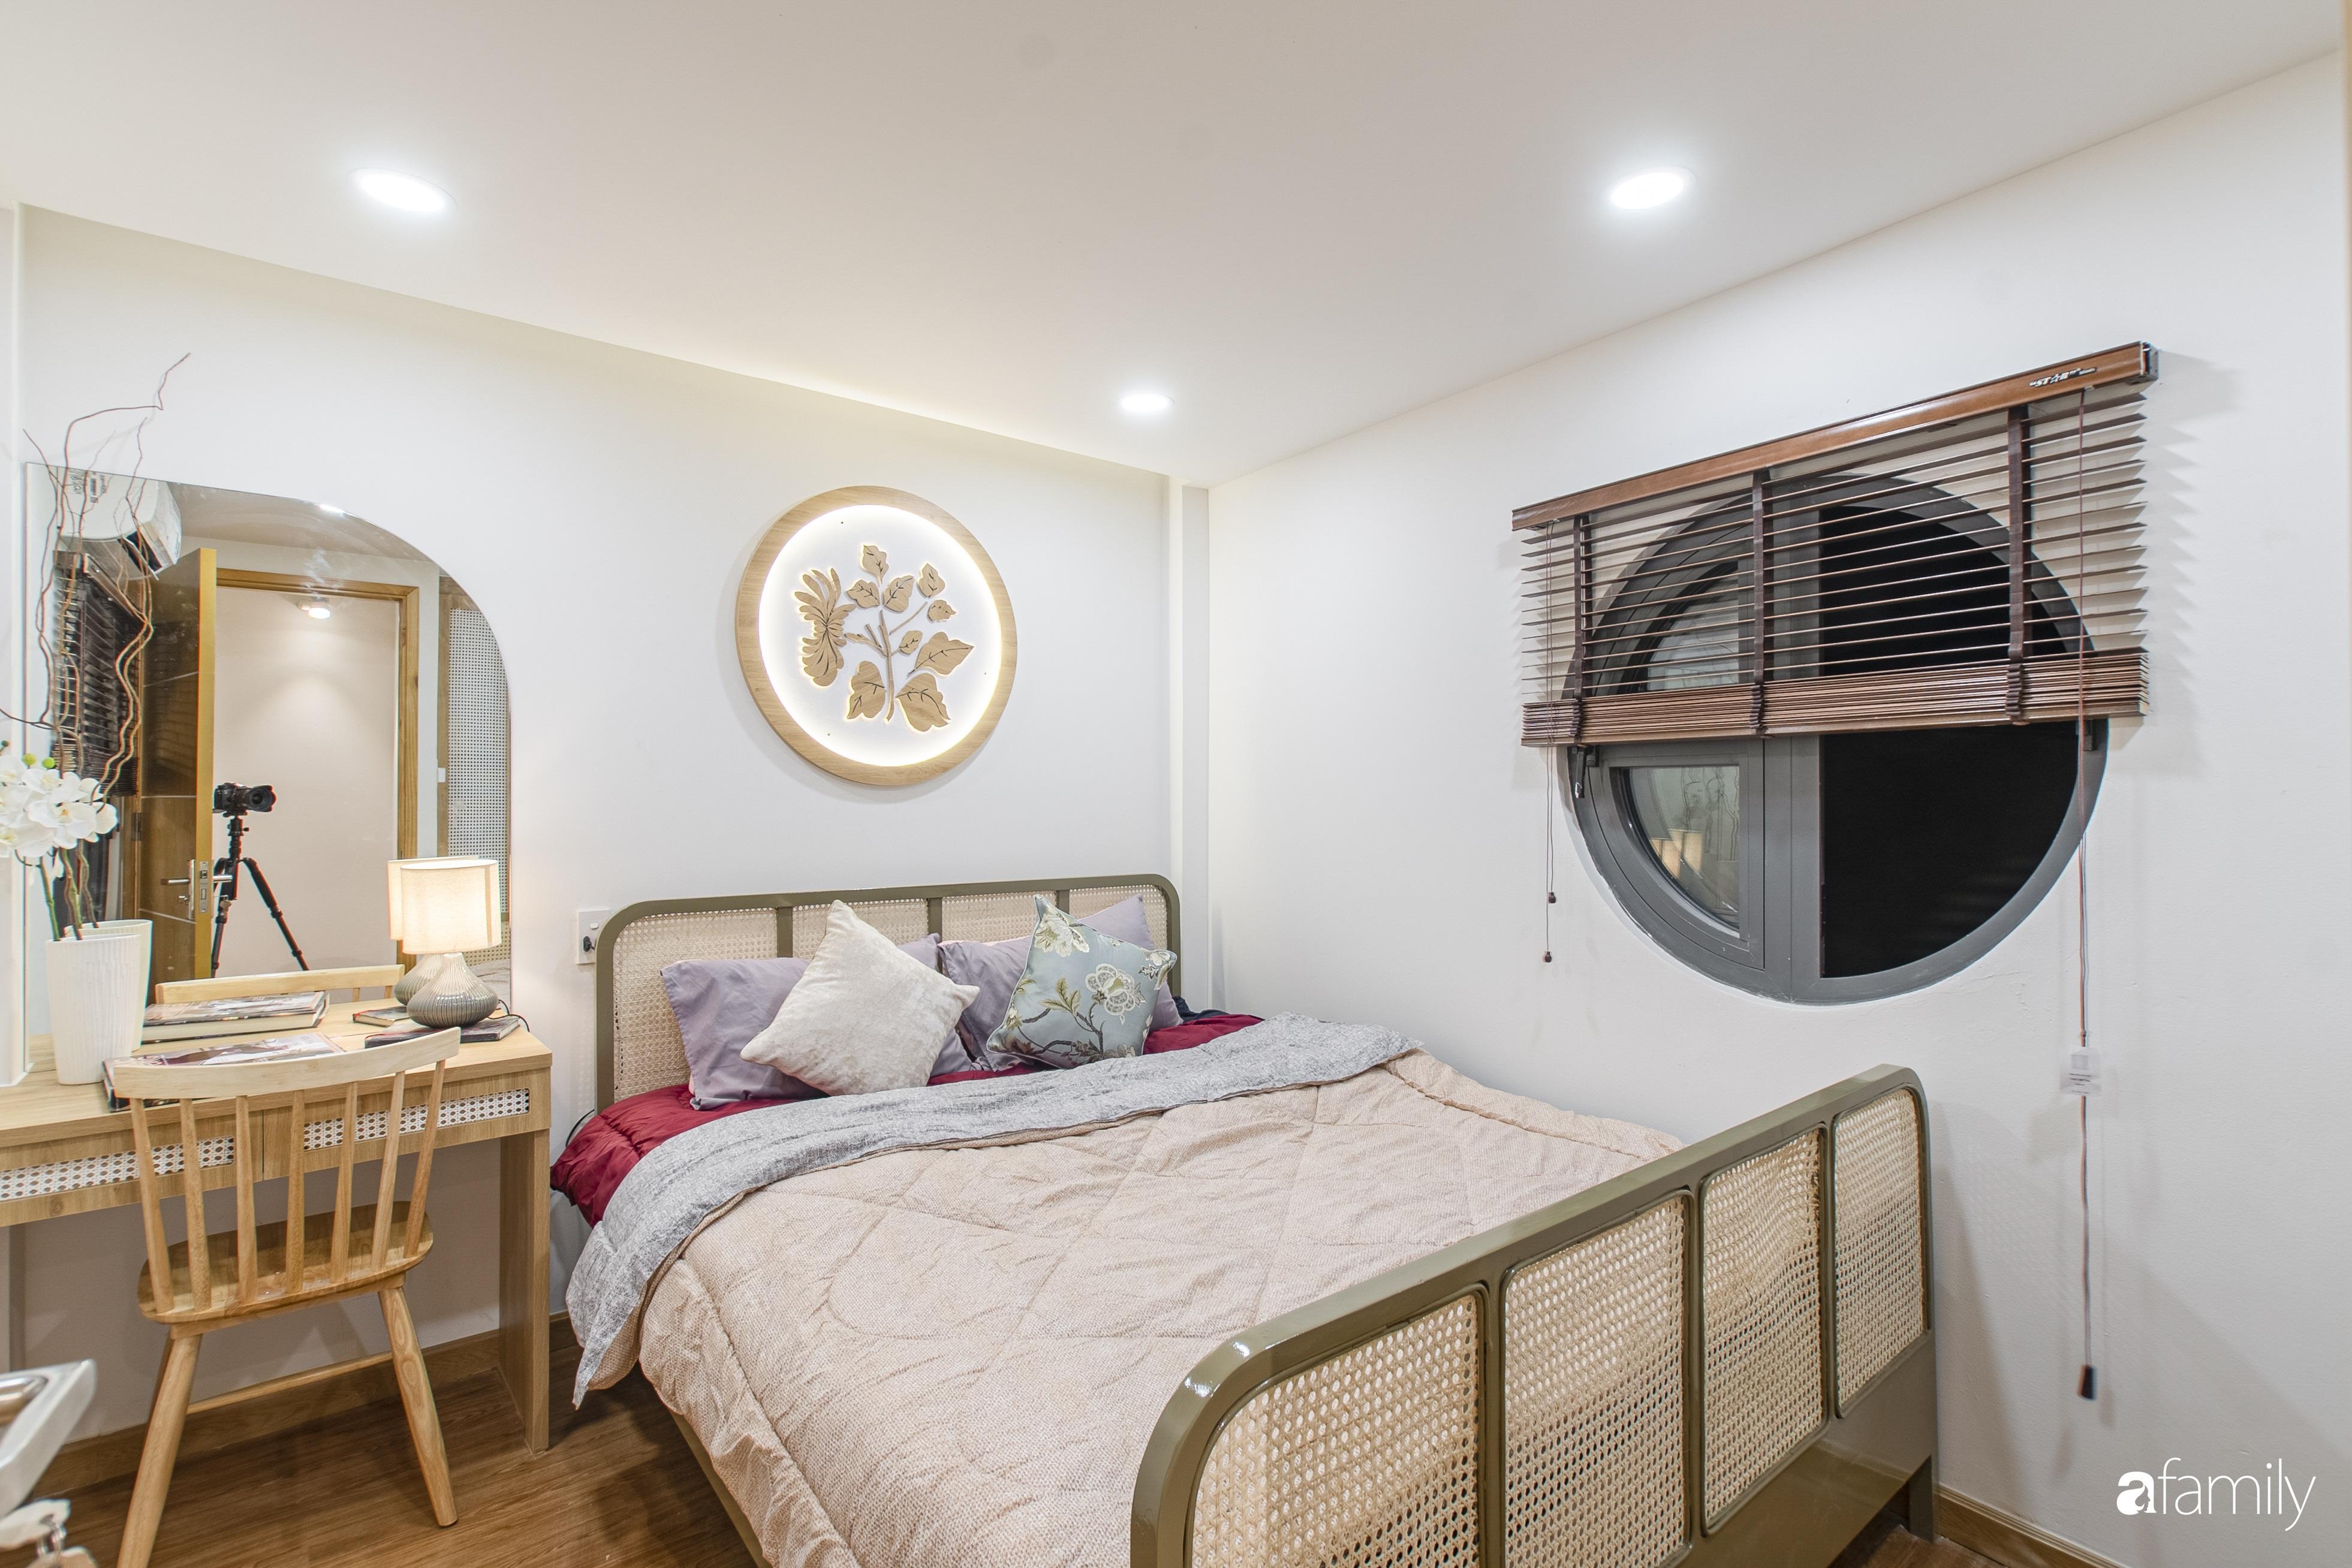 Con trai cải tạo nhà phố hư hỏng nặng thành không gian đậm phong cách Nhật cho bố mẹ an hưởng tuổi già - Ảnh 22.